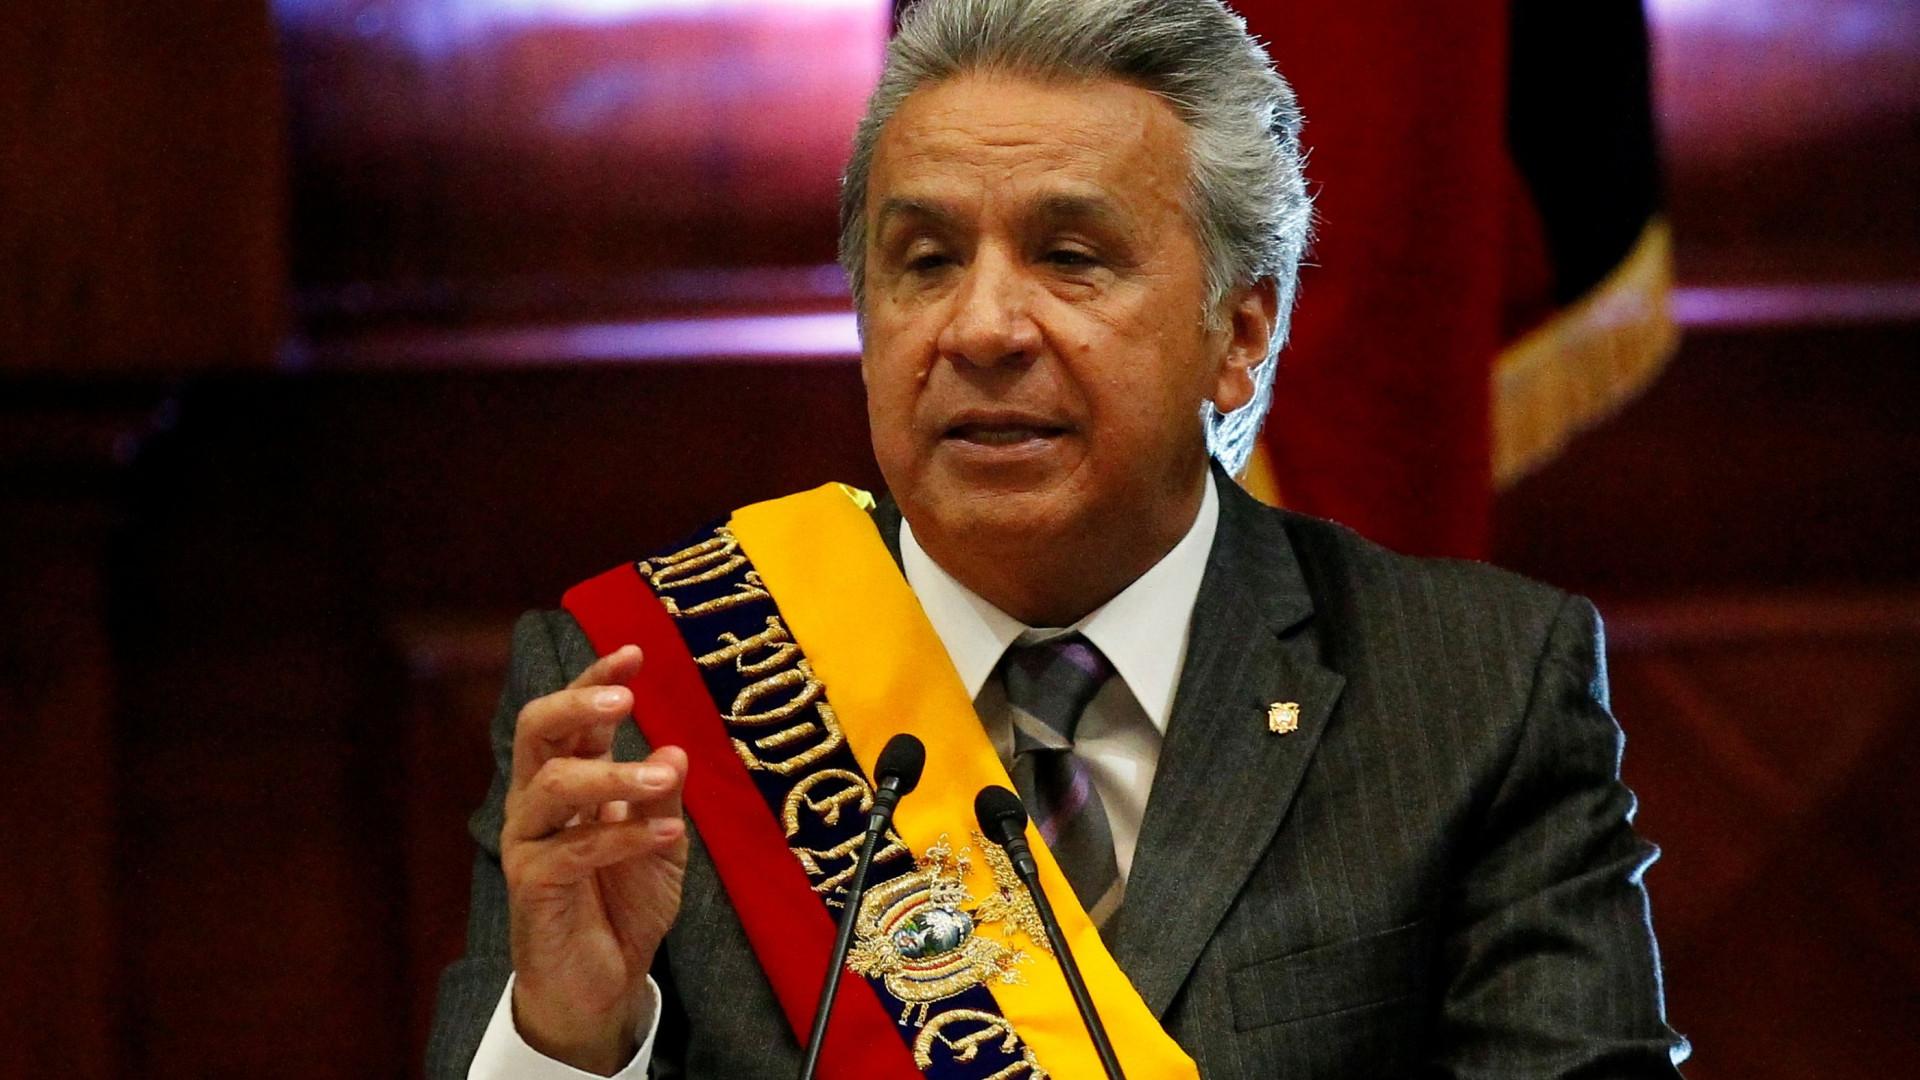 Equador vai acabar com ministérios e subir o preço da gasolina